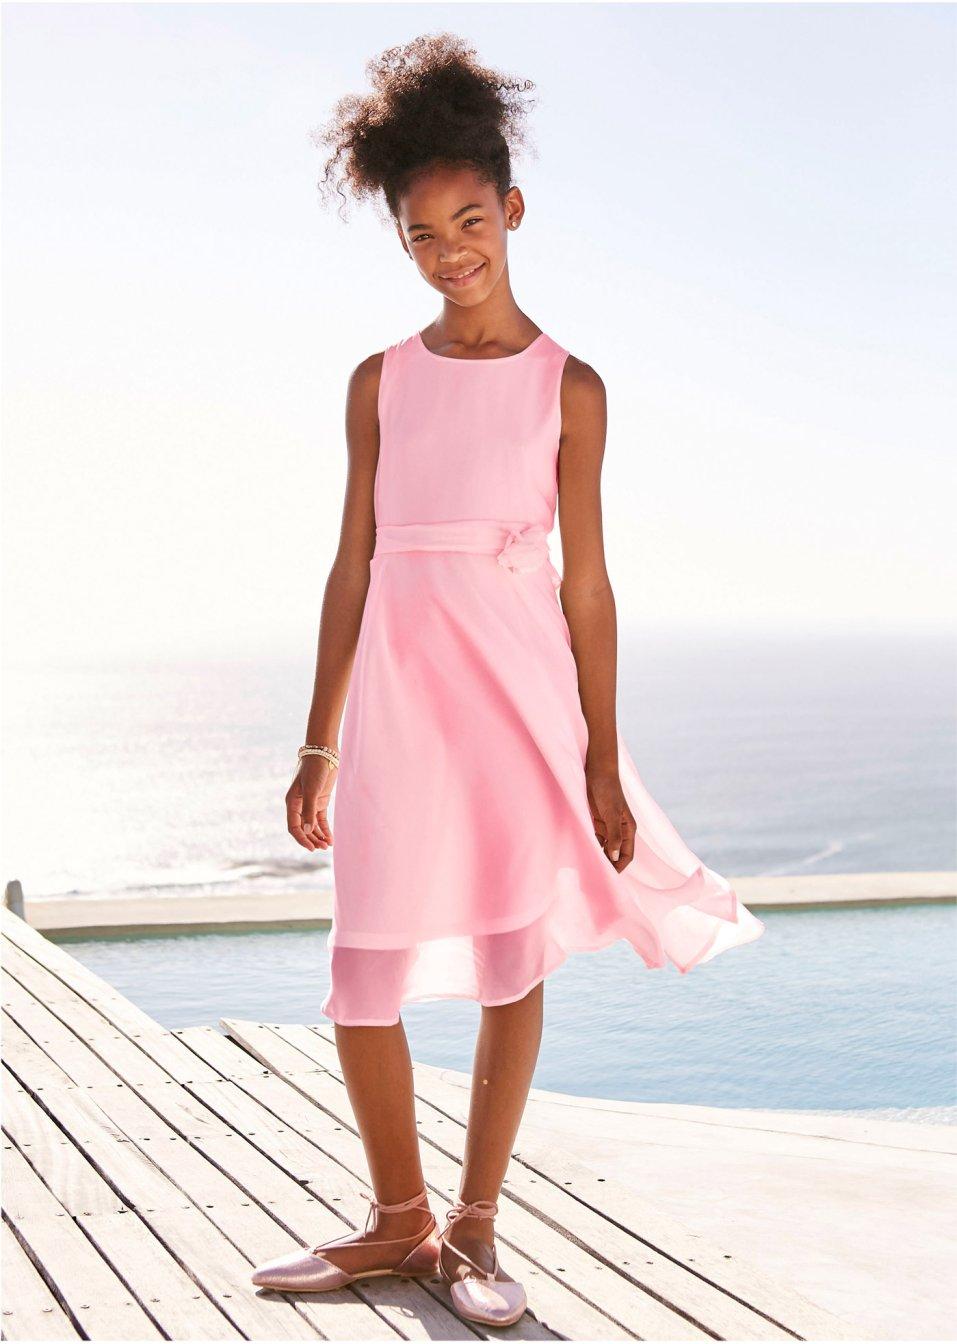 festliche kinderbekleidung 🦄 von bonprix für große anlässe